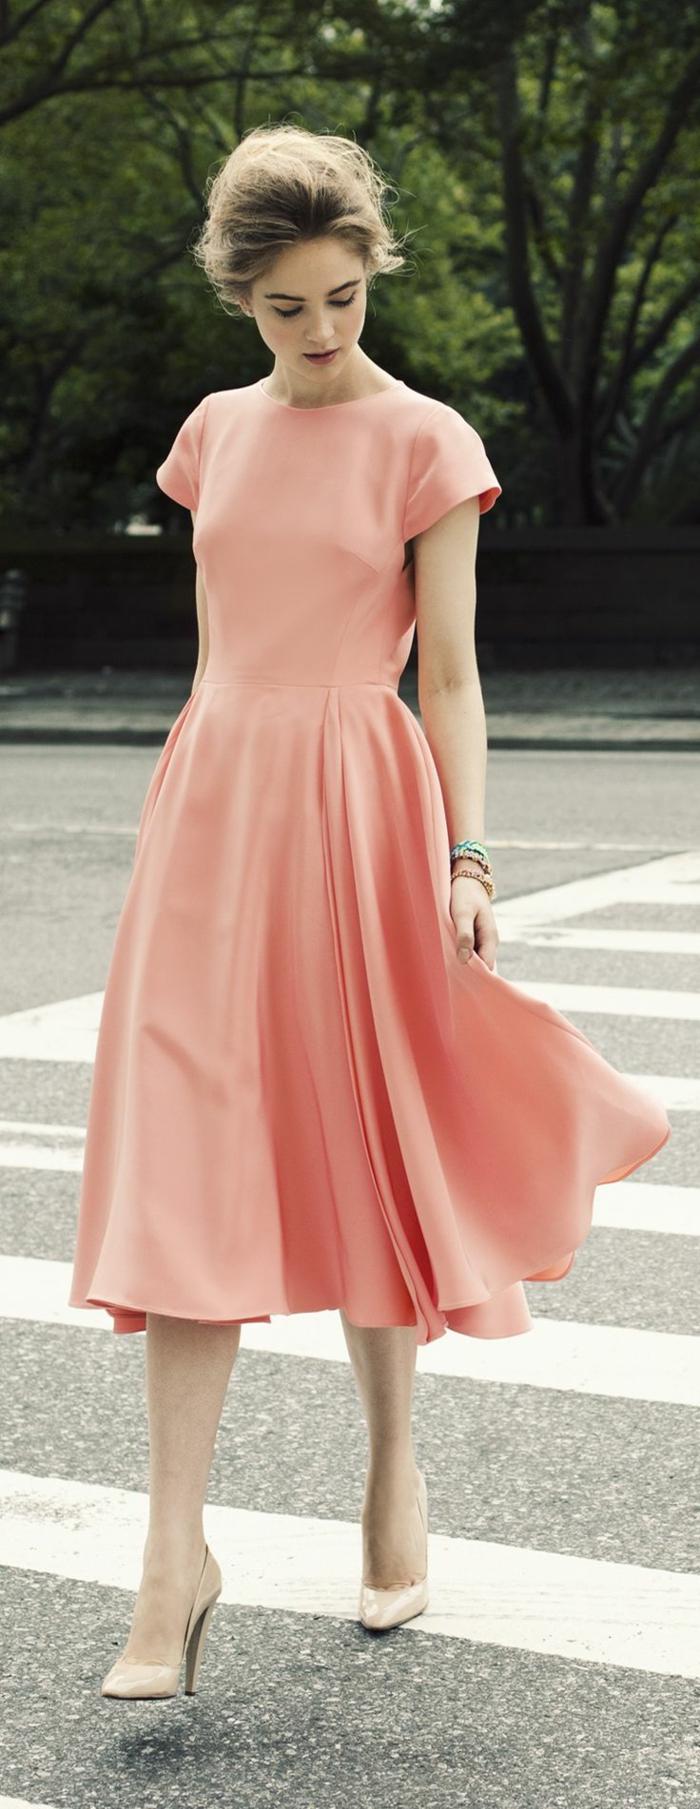 la-robe-rose-pale-tenue-de-jour-sur-la-rue